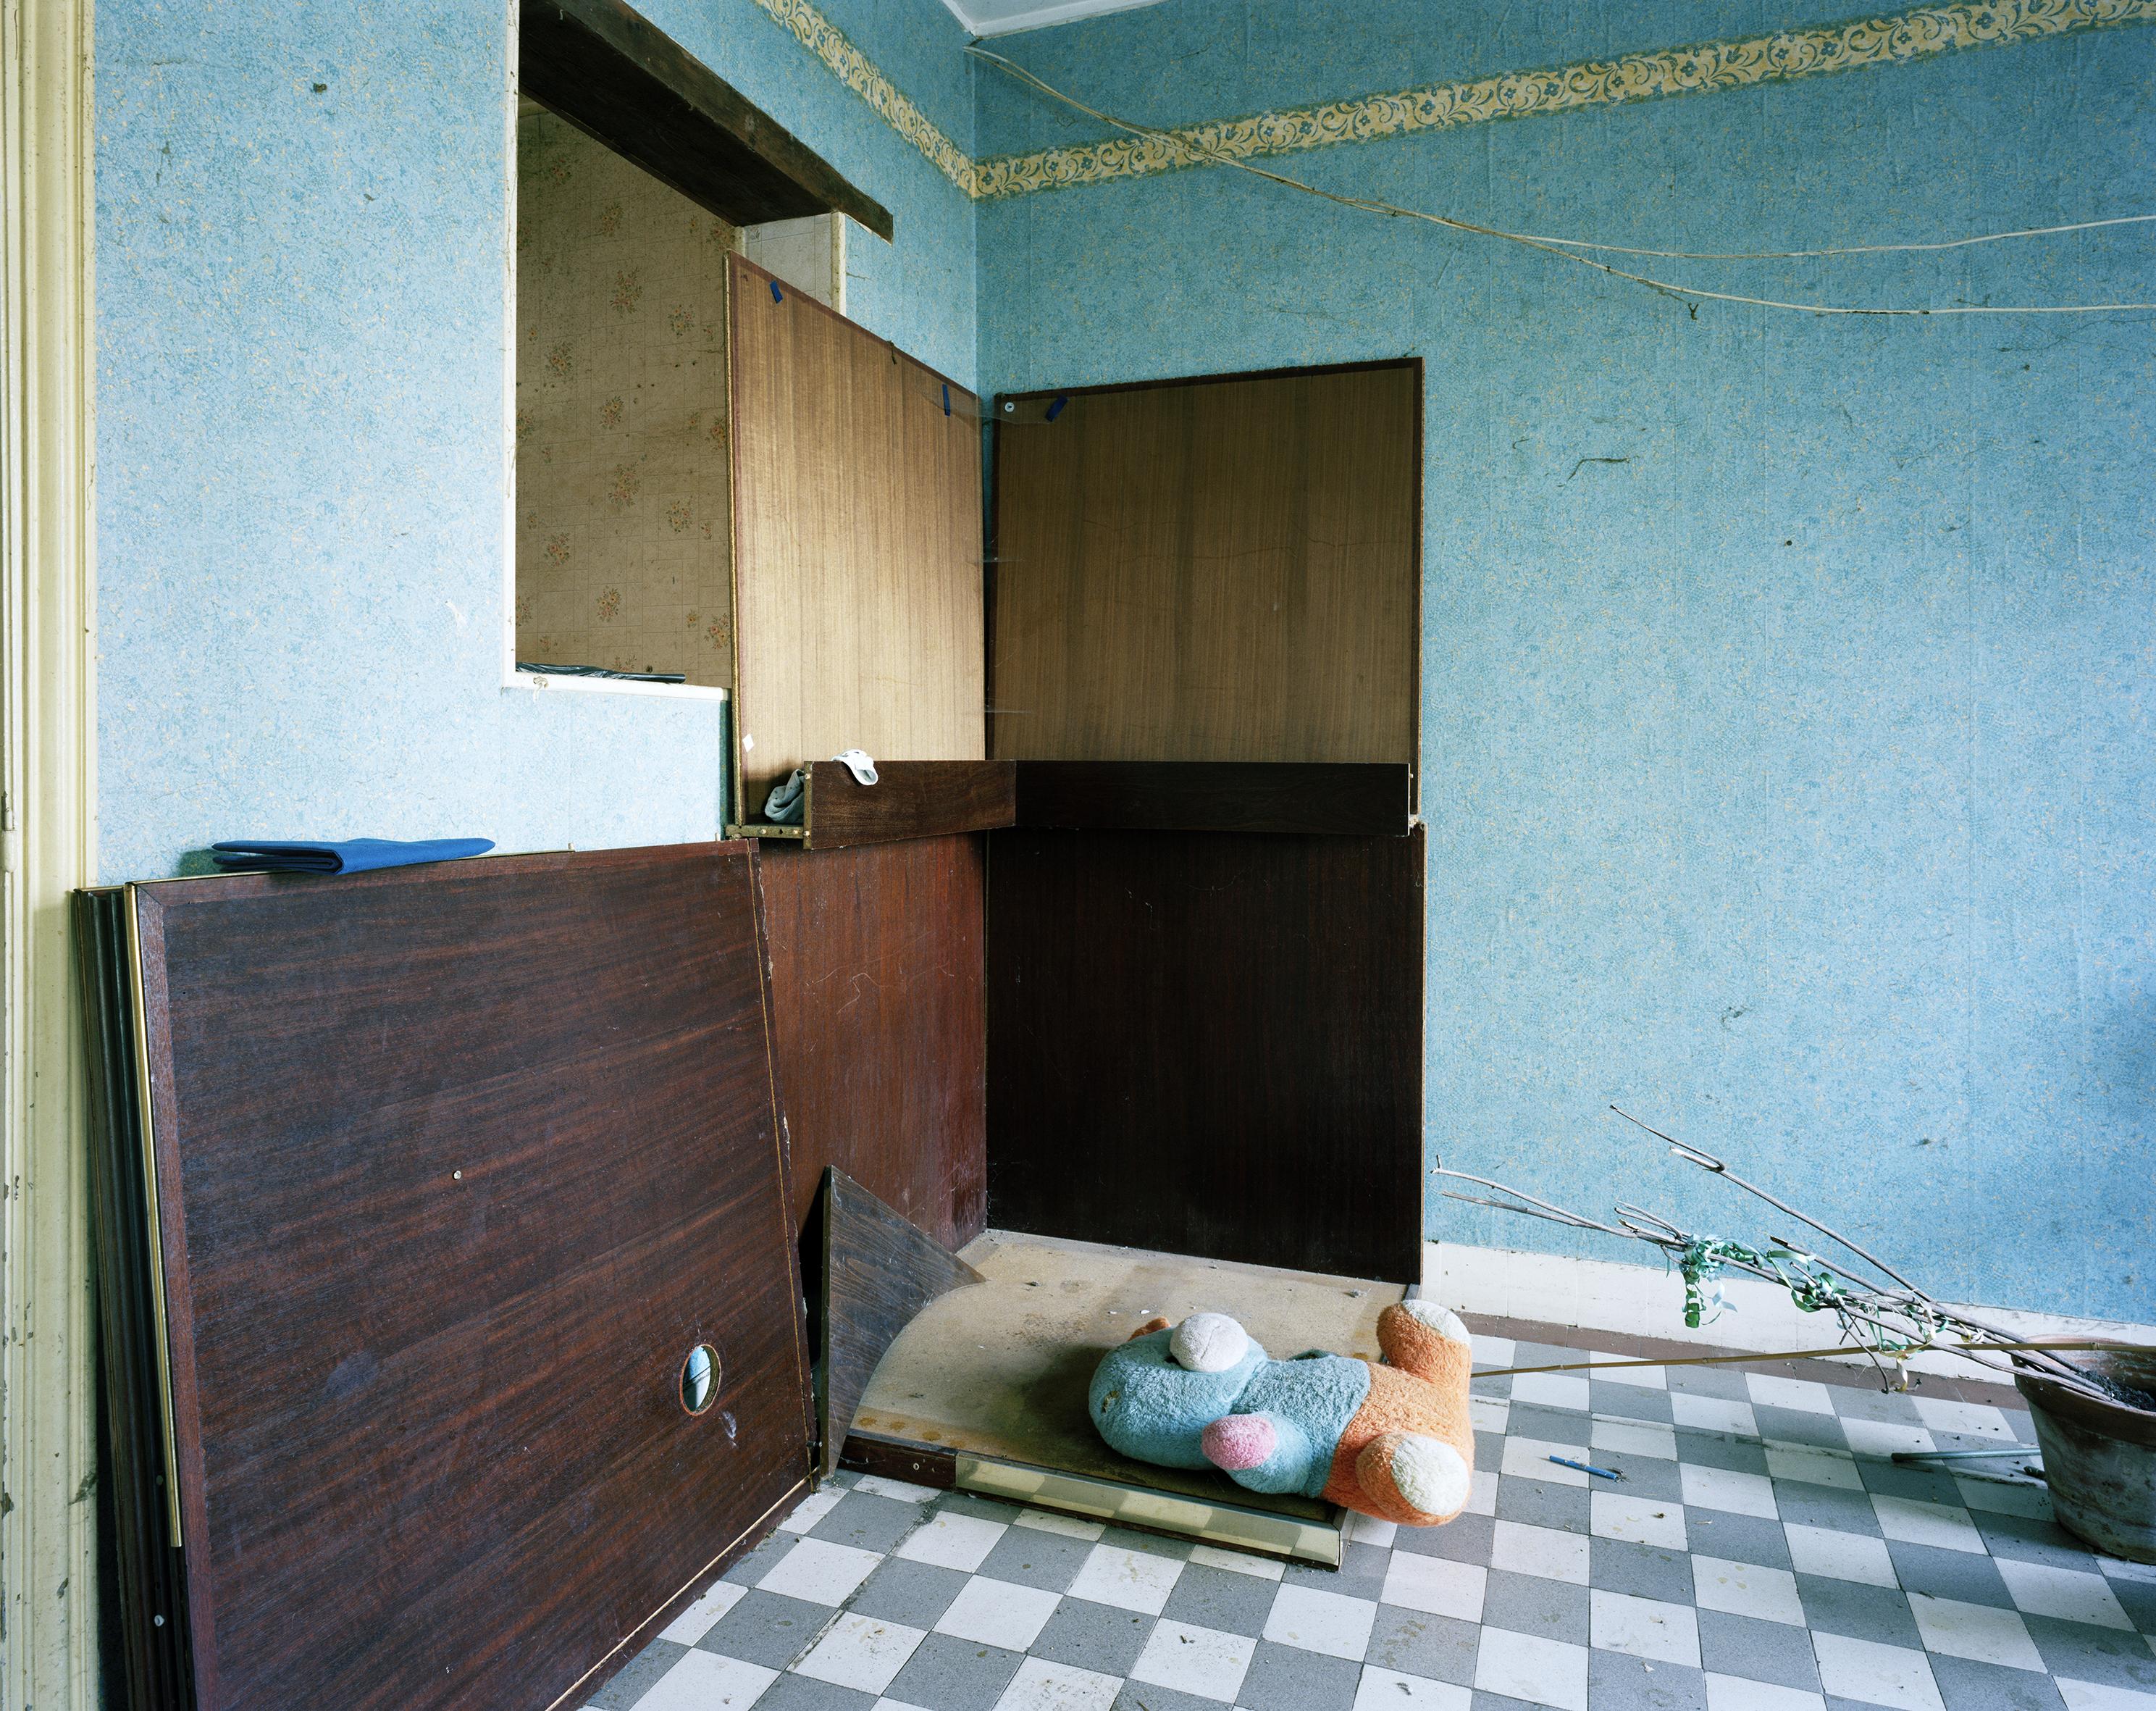 Aile gauche, Appartement n° 44, jeudi 16 octobre 2012 (image)